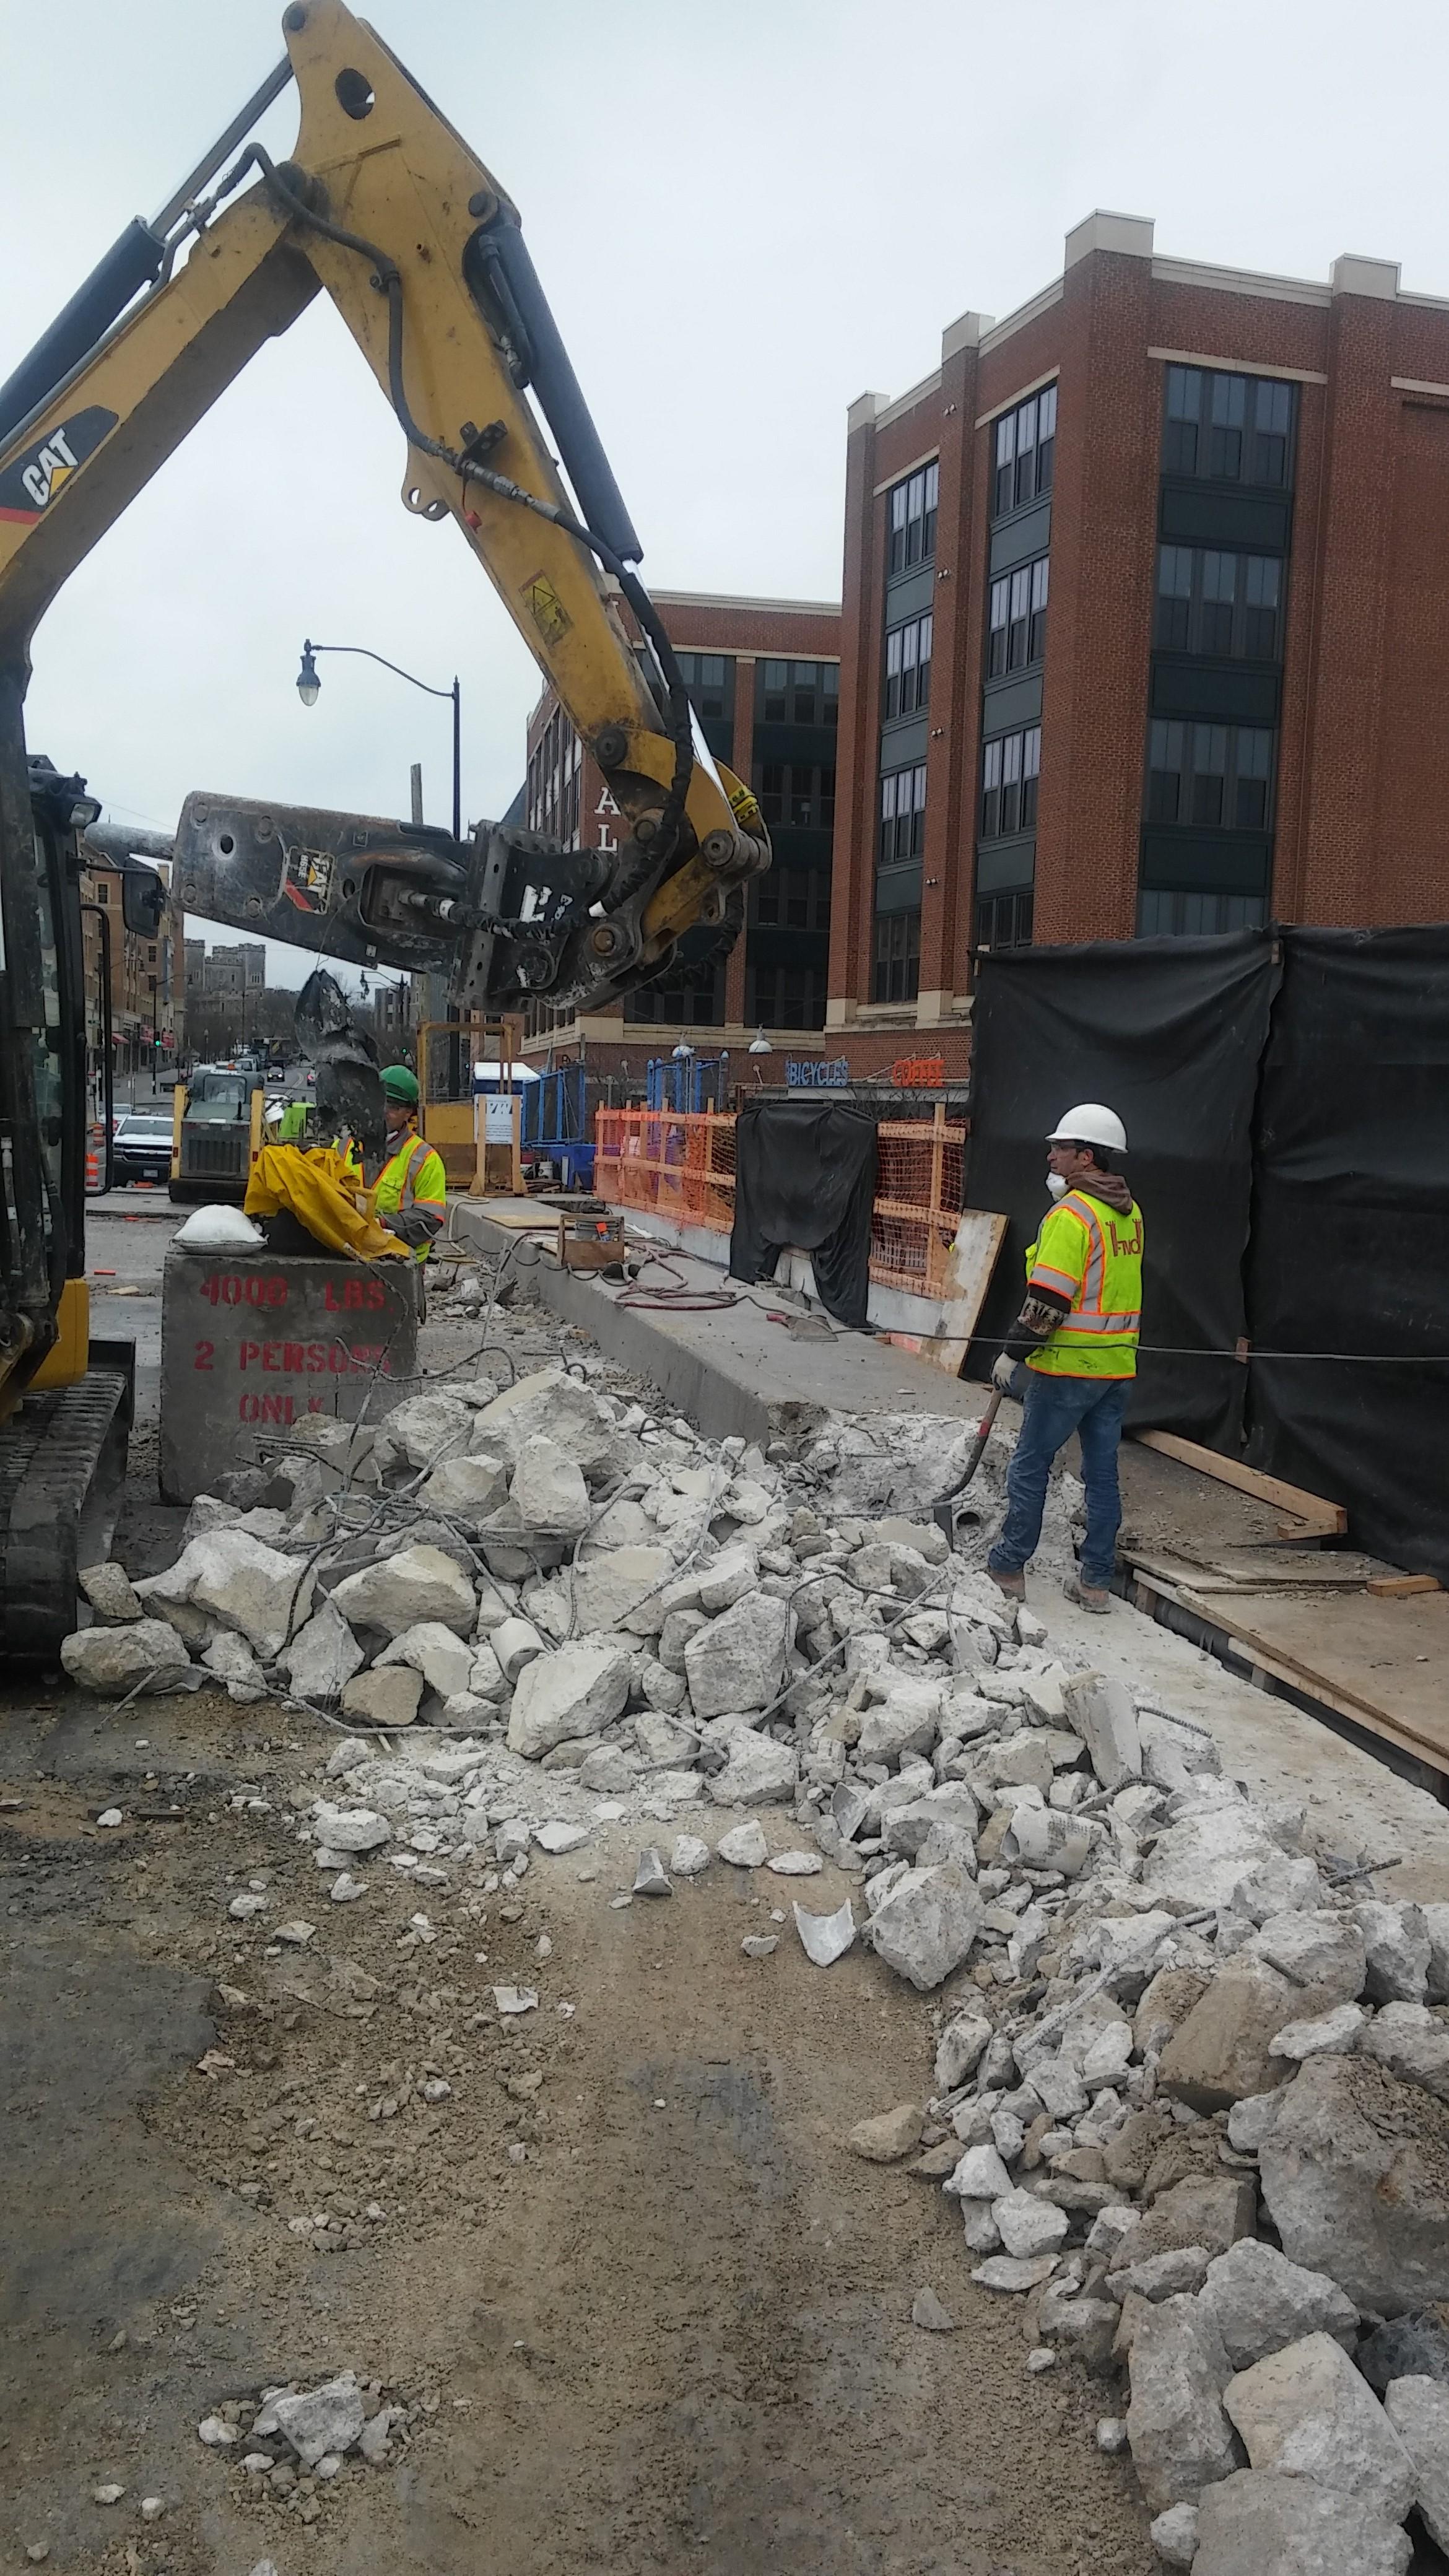 North sidewalk demolition